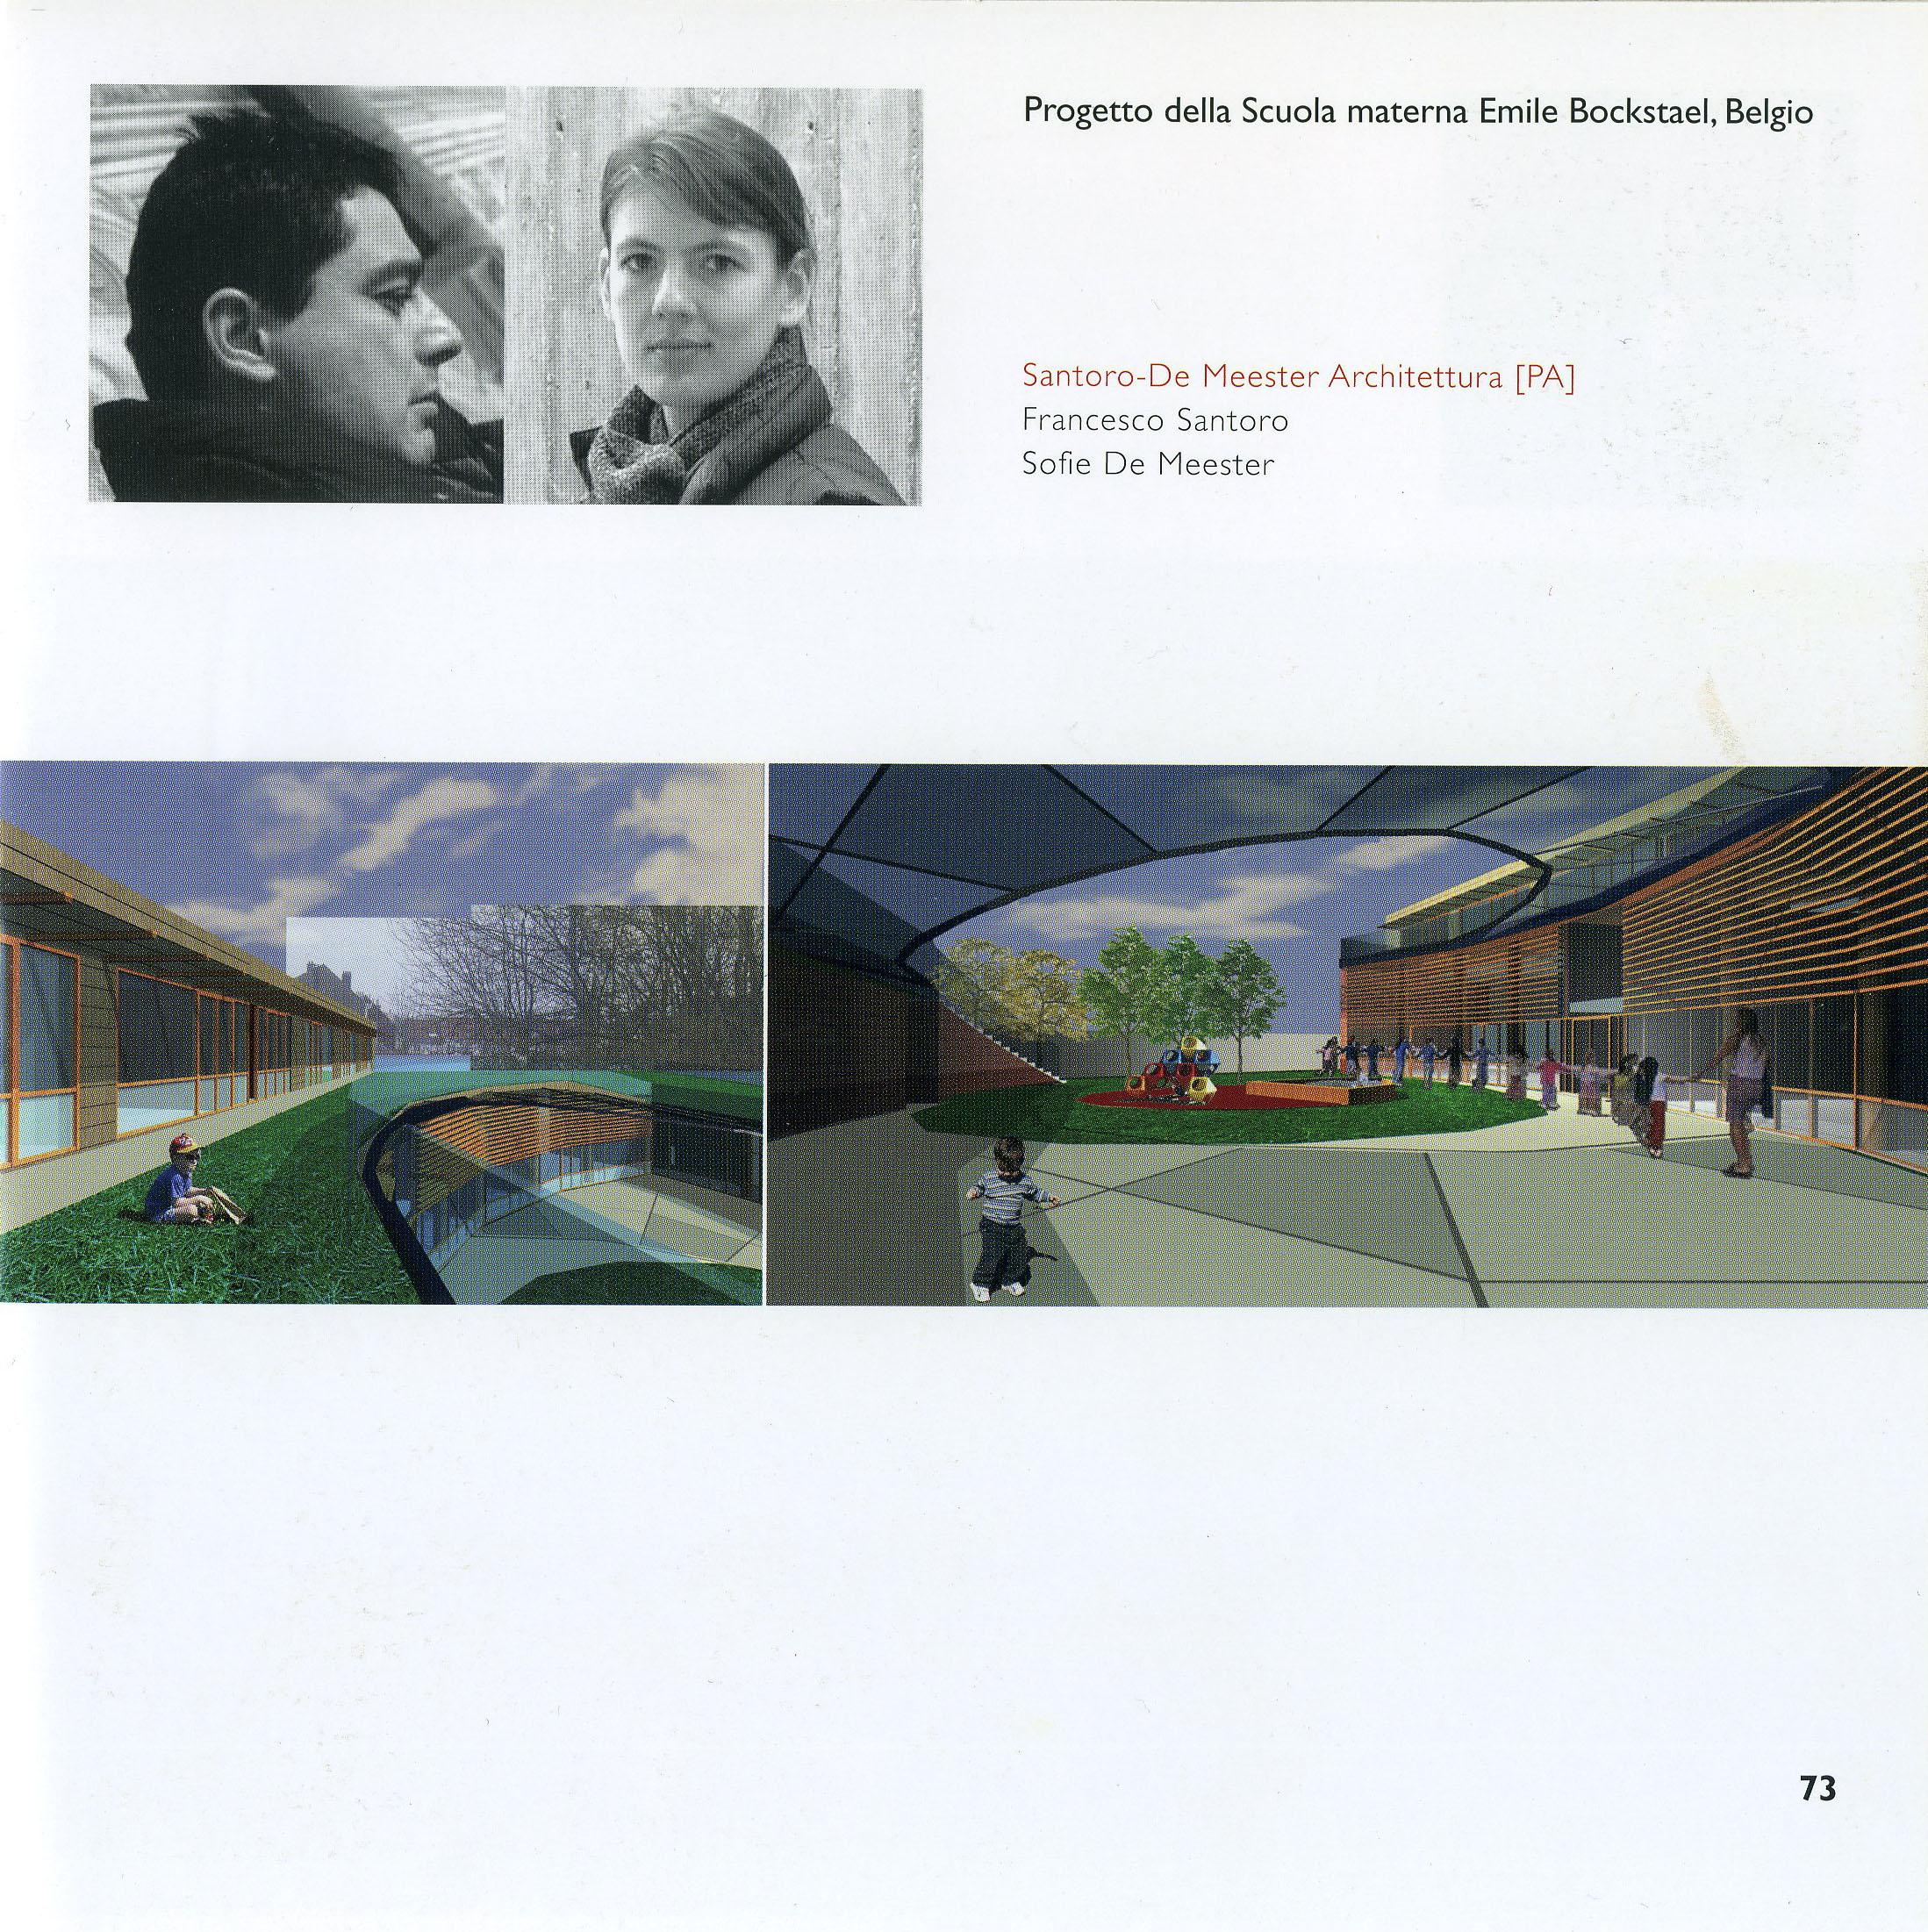 2006 publication